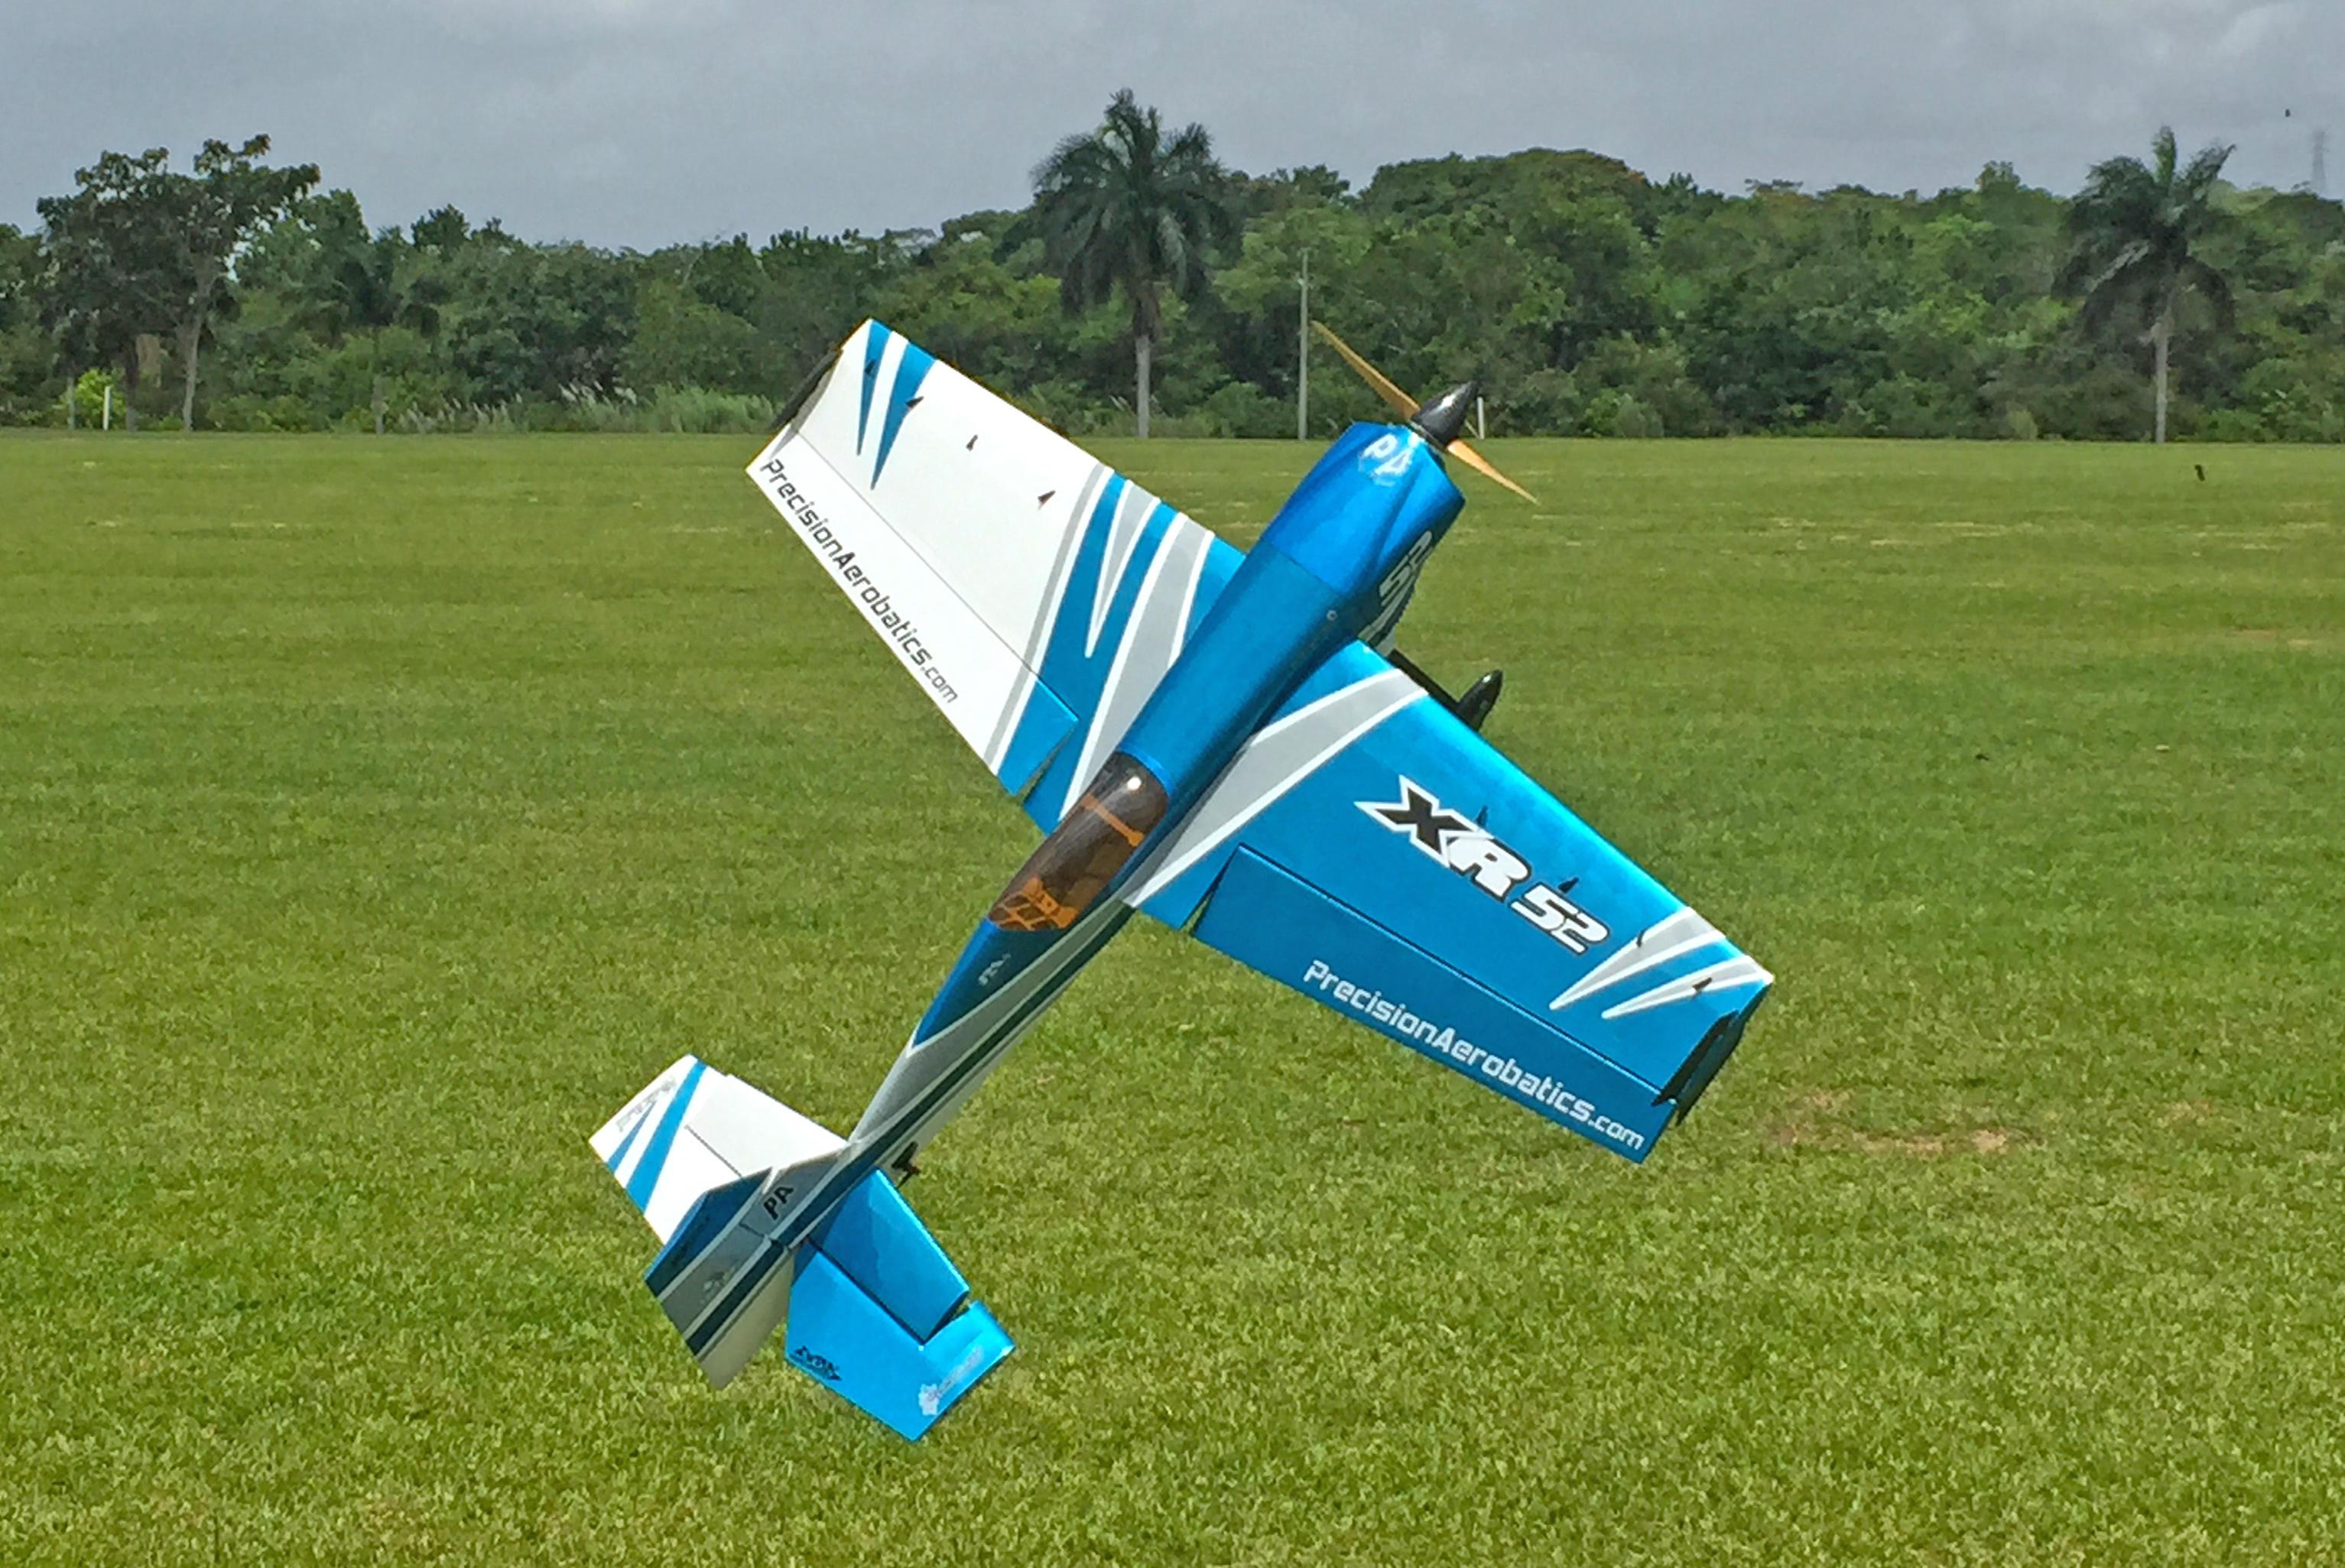 precision aerobatics xr 52 review